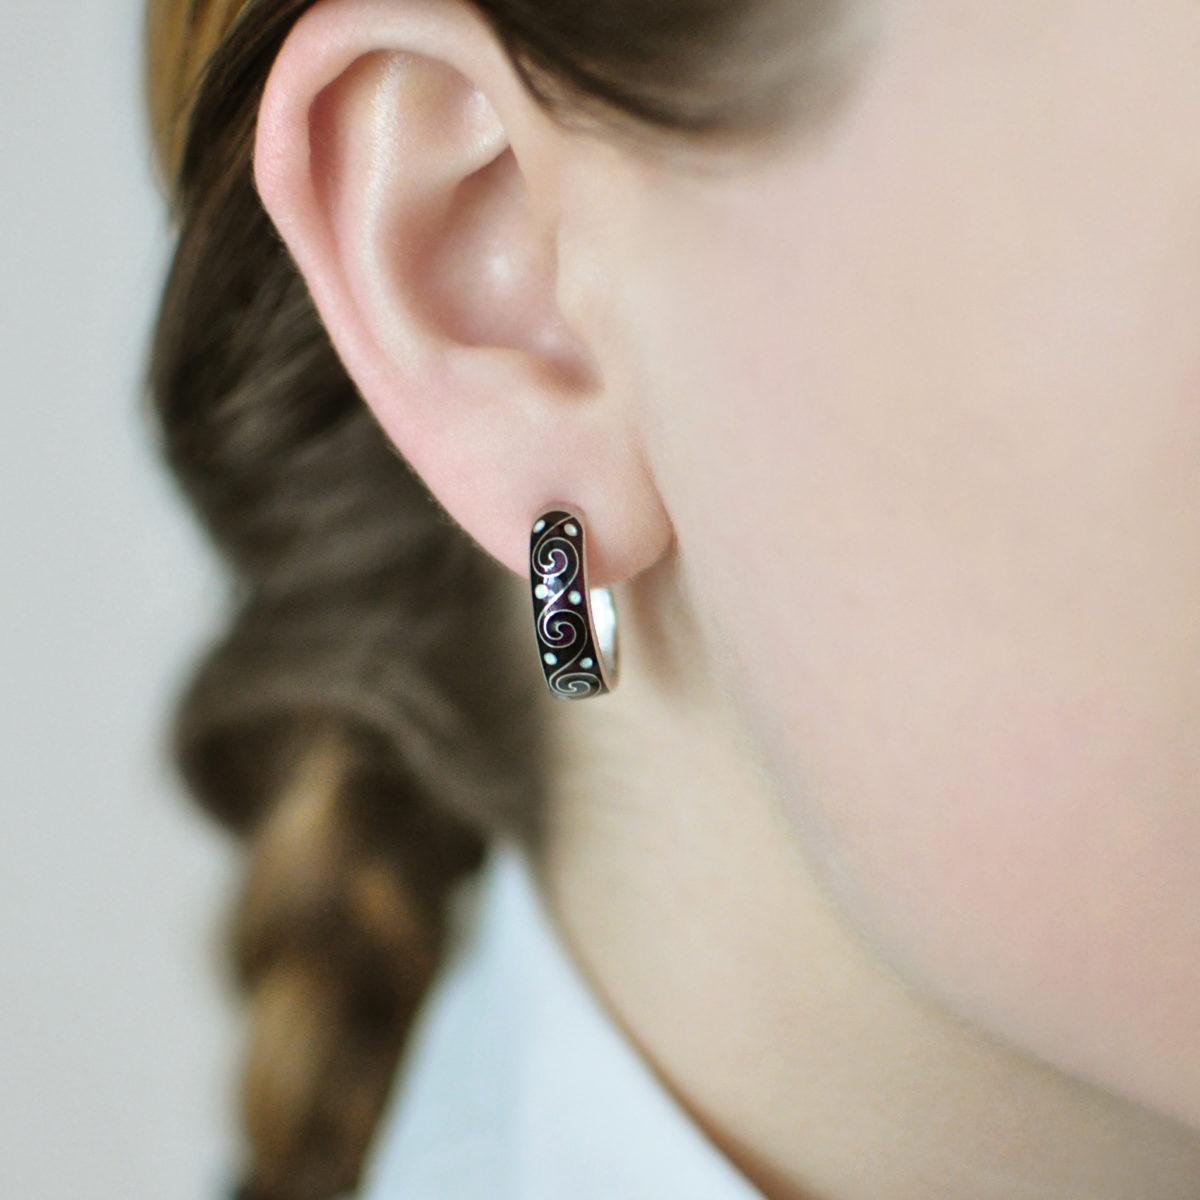 Serebro chernaya 1200x1200 - Серьги-полукольца серебряные «Меандр», черные